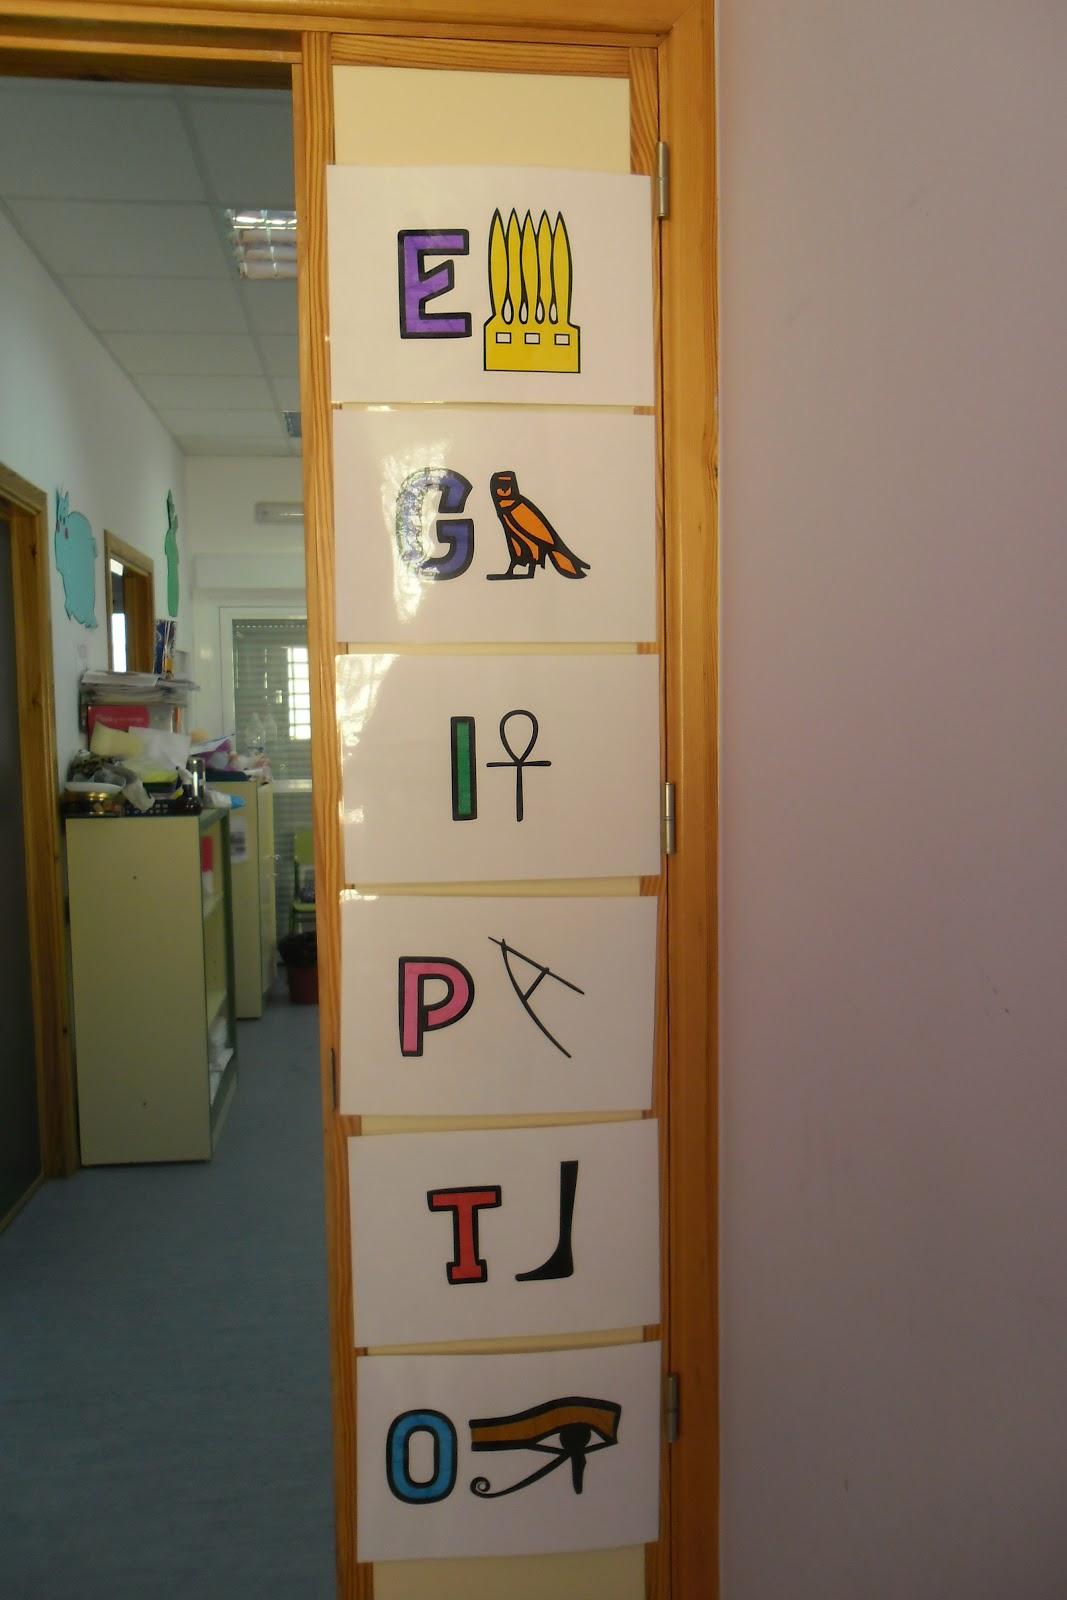 Proyecto De Aprendizaje Dia De La Madre   apexwallpapers.com